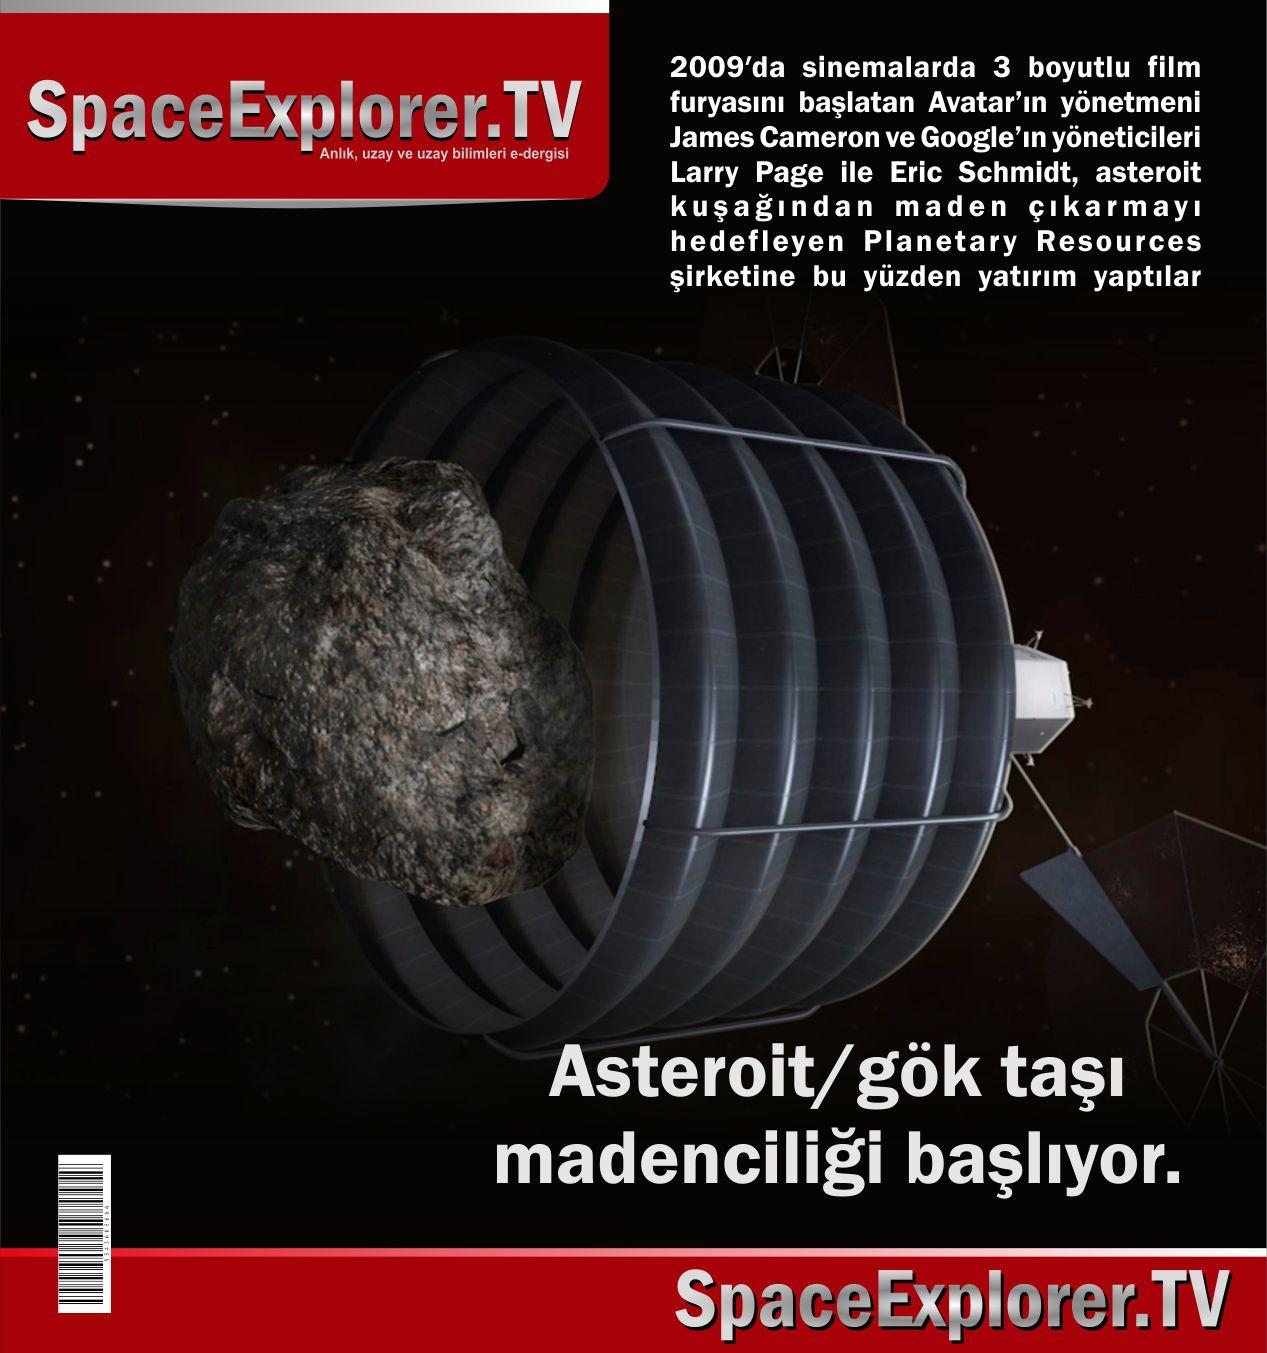 Asteroit, Gök taşları, NASA, Ay, Ay'daki madenler, Uzaydaki madenler, Mars One, Mars, Uzayda hafriyat, Gök taşı madenciliği,